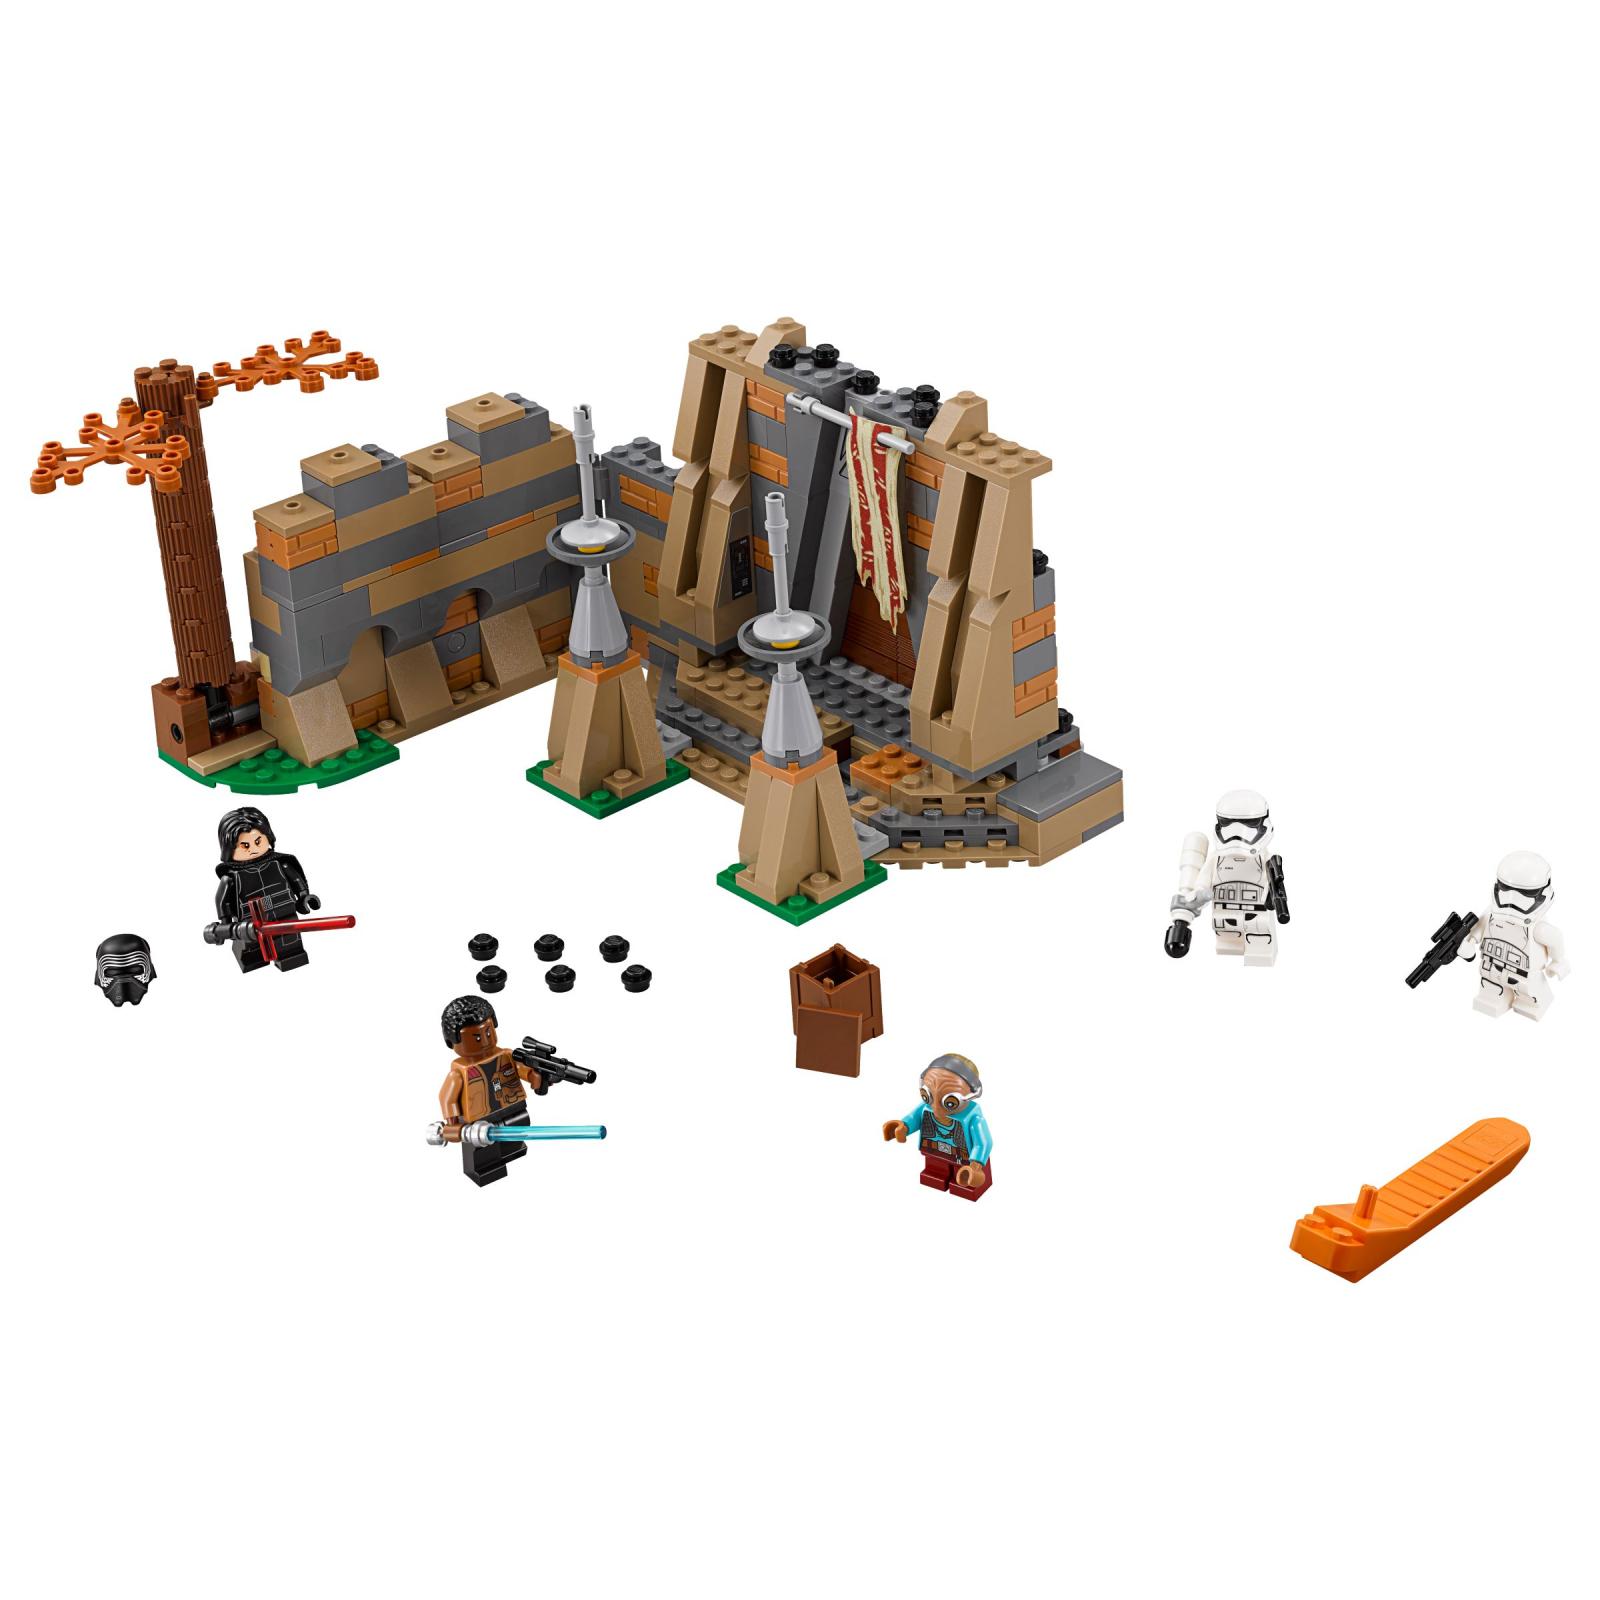 Конструктор LEGO Star Wars Битва на планете Такодана (75139) изображение 2